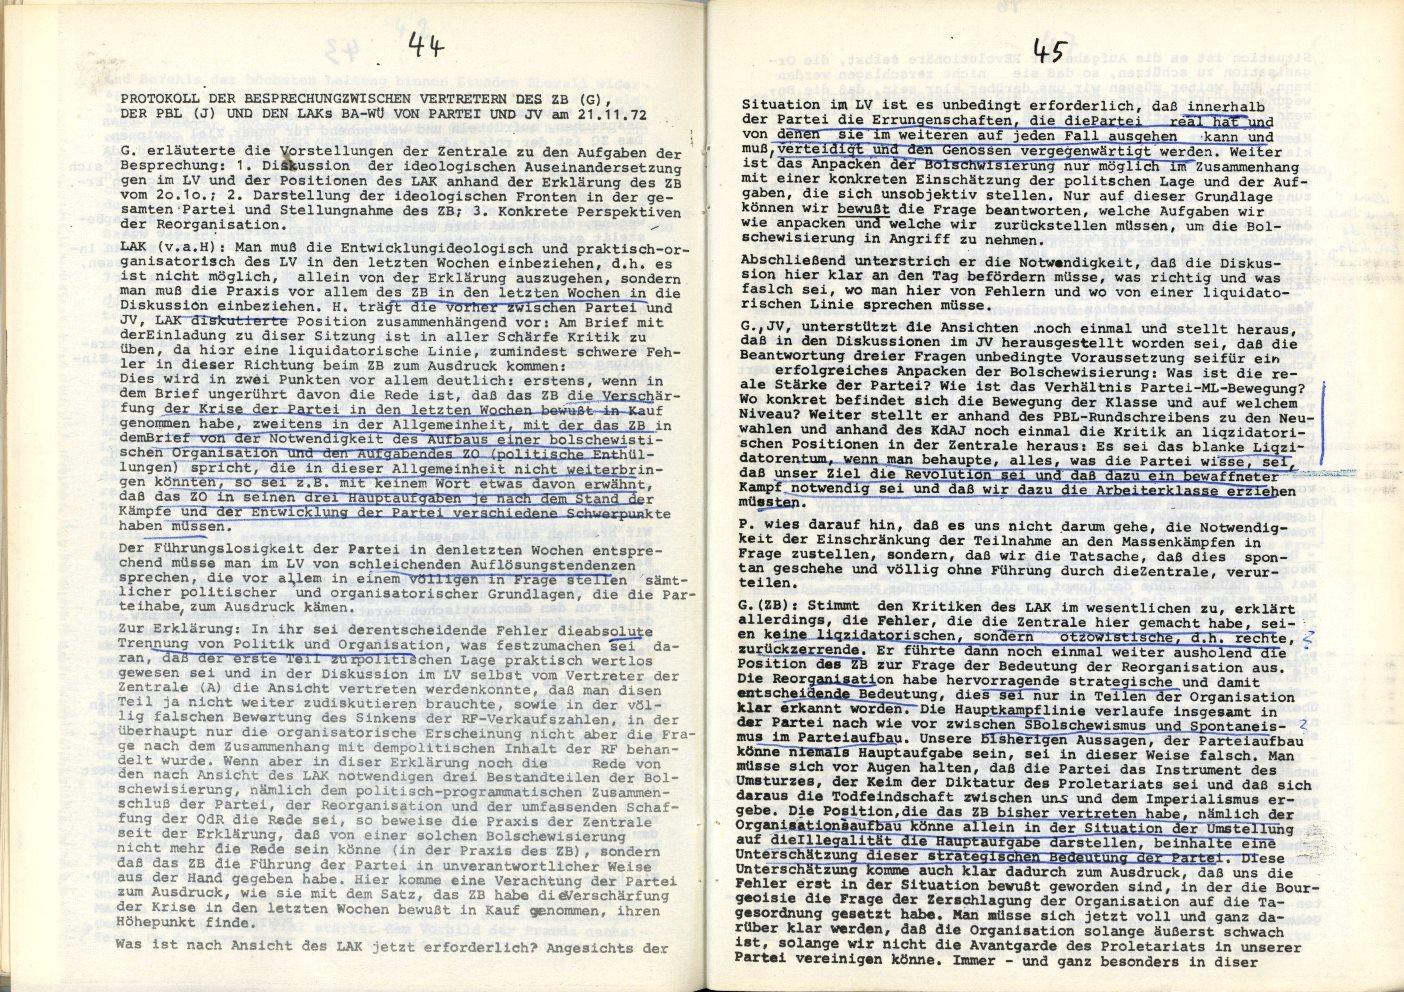 ZB_1972_Diskussionsorgan_zur_ersten_Parteikonferenz_25